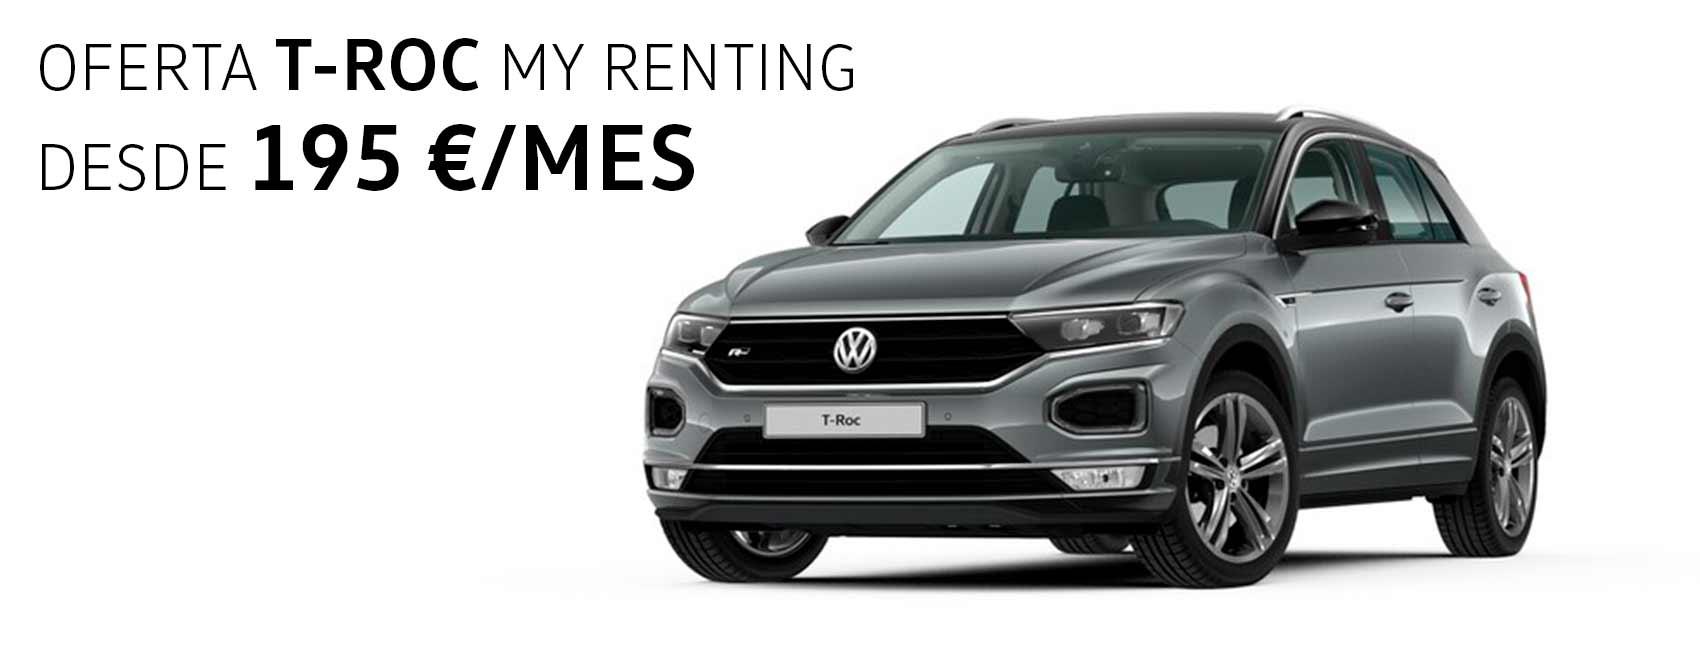 Volkswagen TROC renting Zaragoza